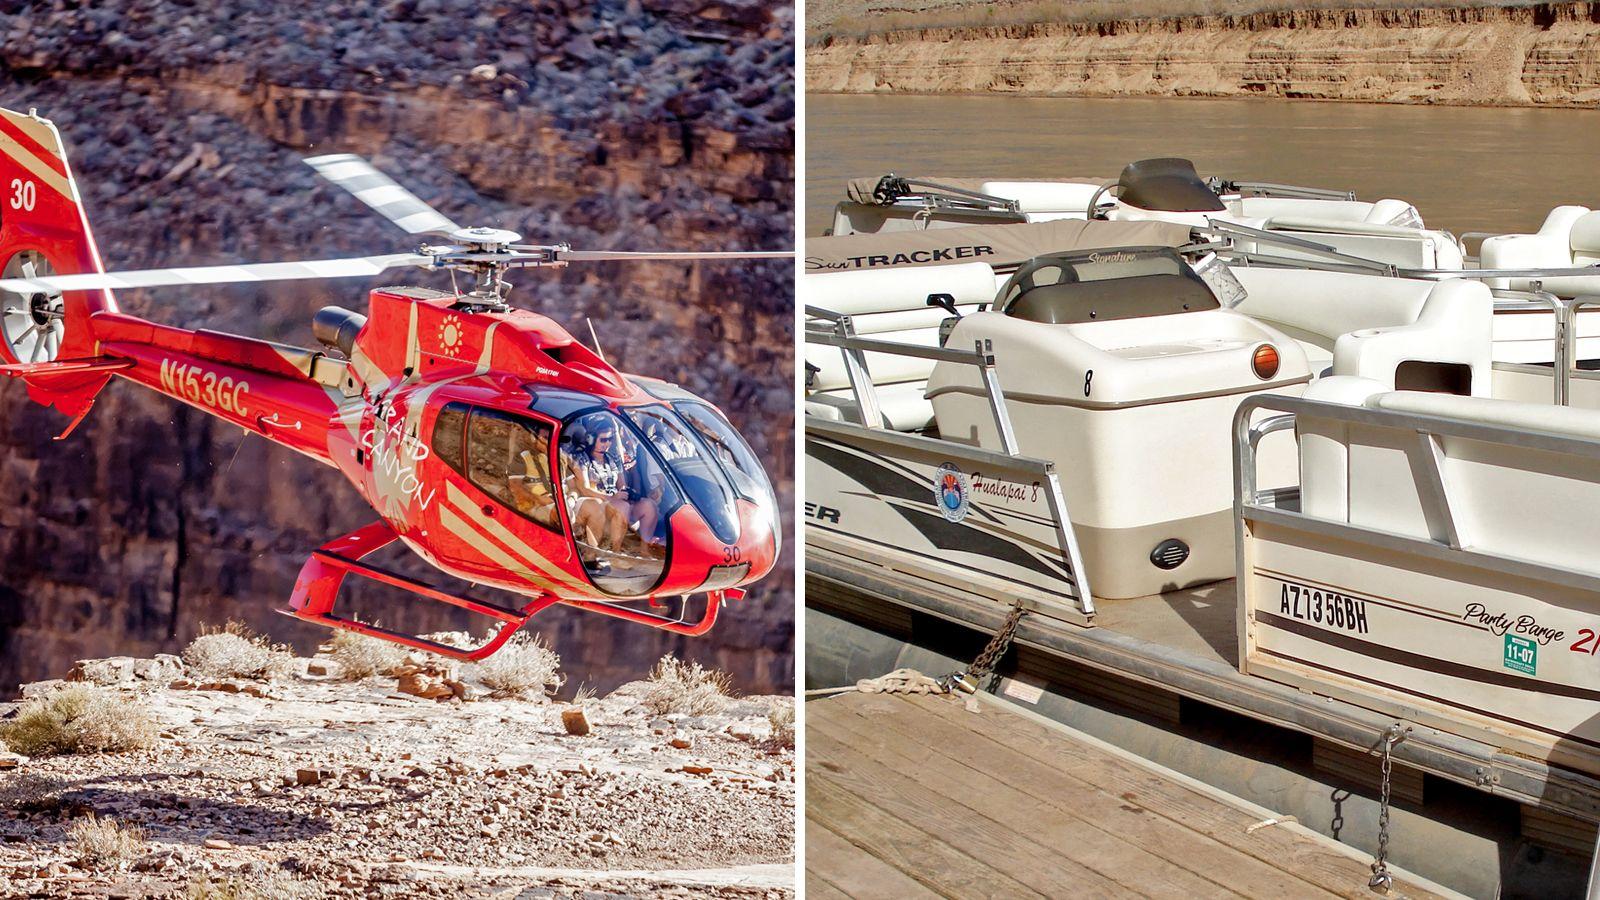 Grand Canyon Flight & Colorado River Cruise